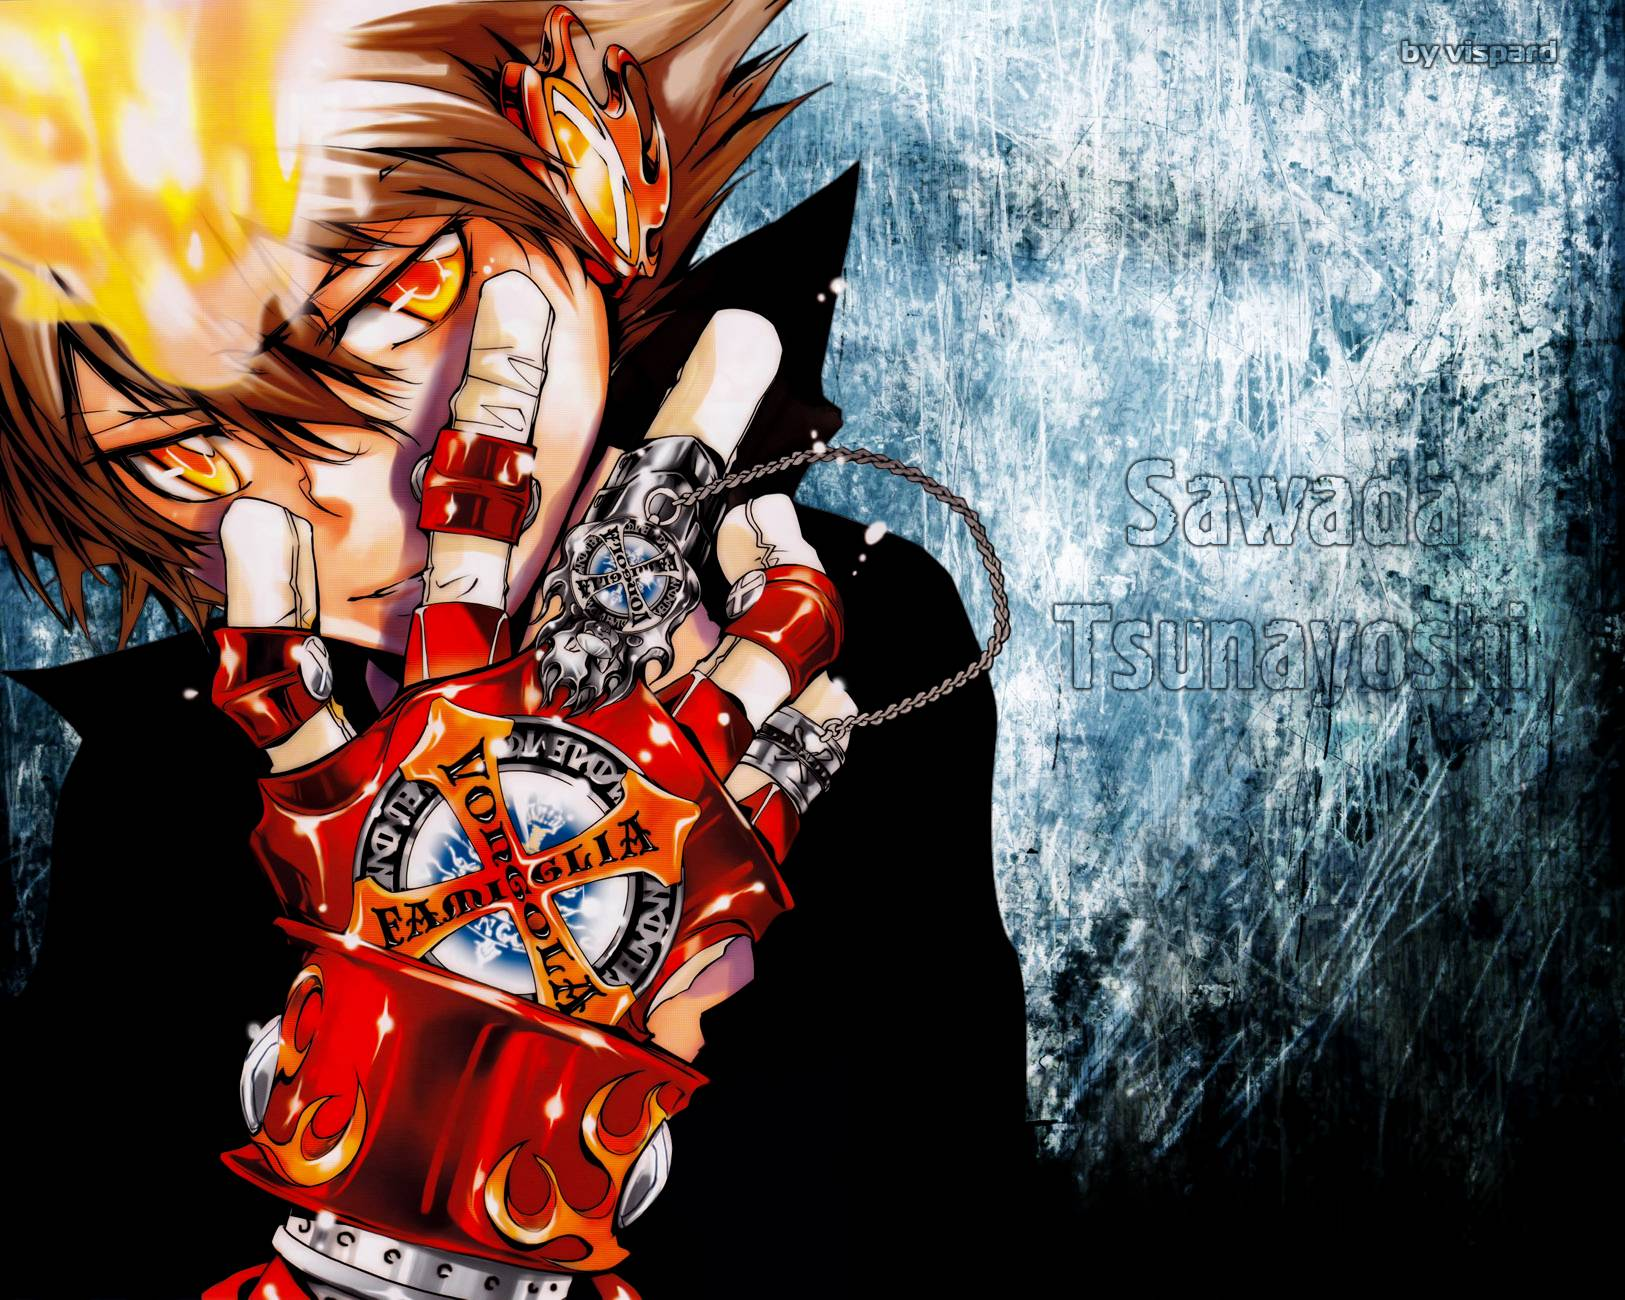 Hq Tsuna Wallpaper   Katekyo Hitman Reborn Wallpaper 1625x1300